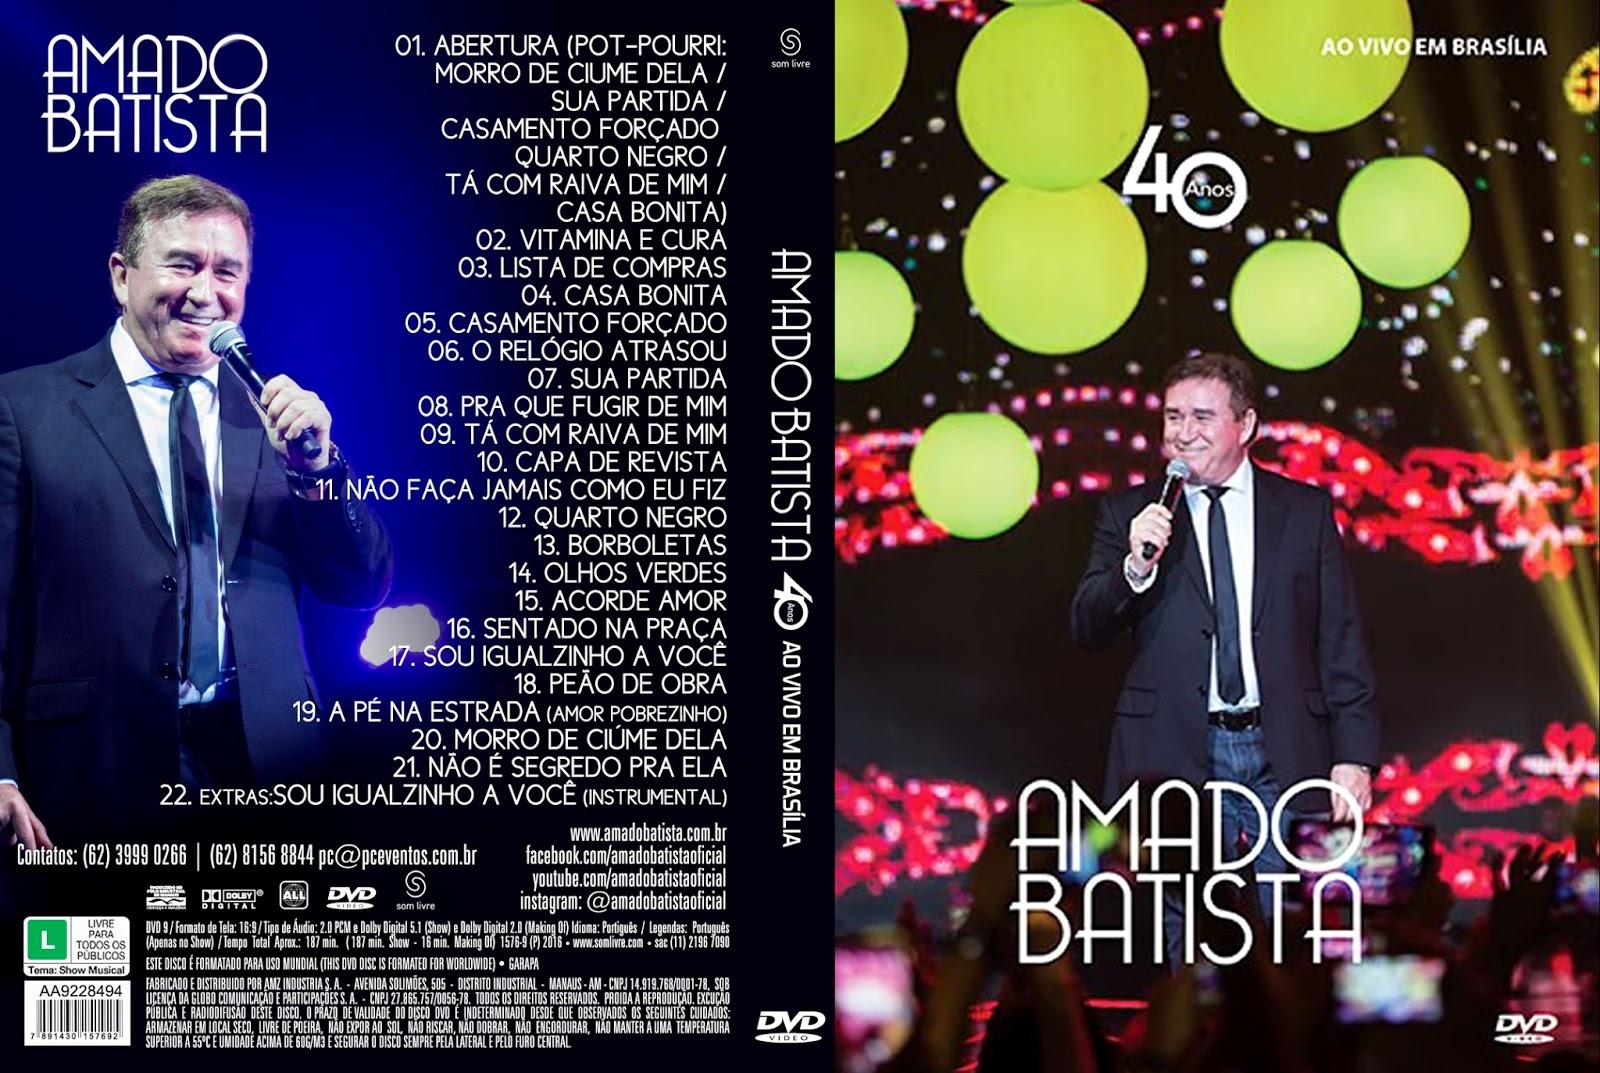 Amado Batista 40 Anos Ao Vivo DVDRip XviD 2016 Amado 2BBatista 2B40 2BAnos 2BAo 2BVivo 2BDVDRip